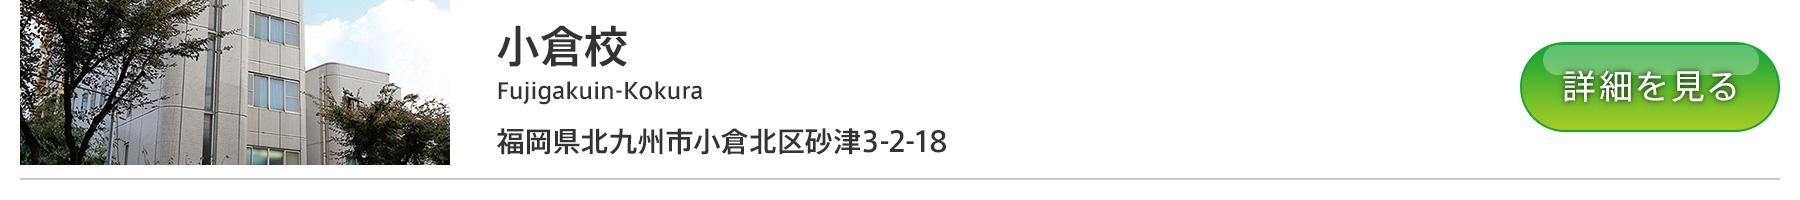 富士学院 小倉校